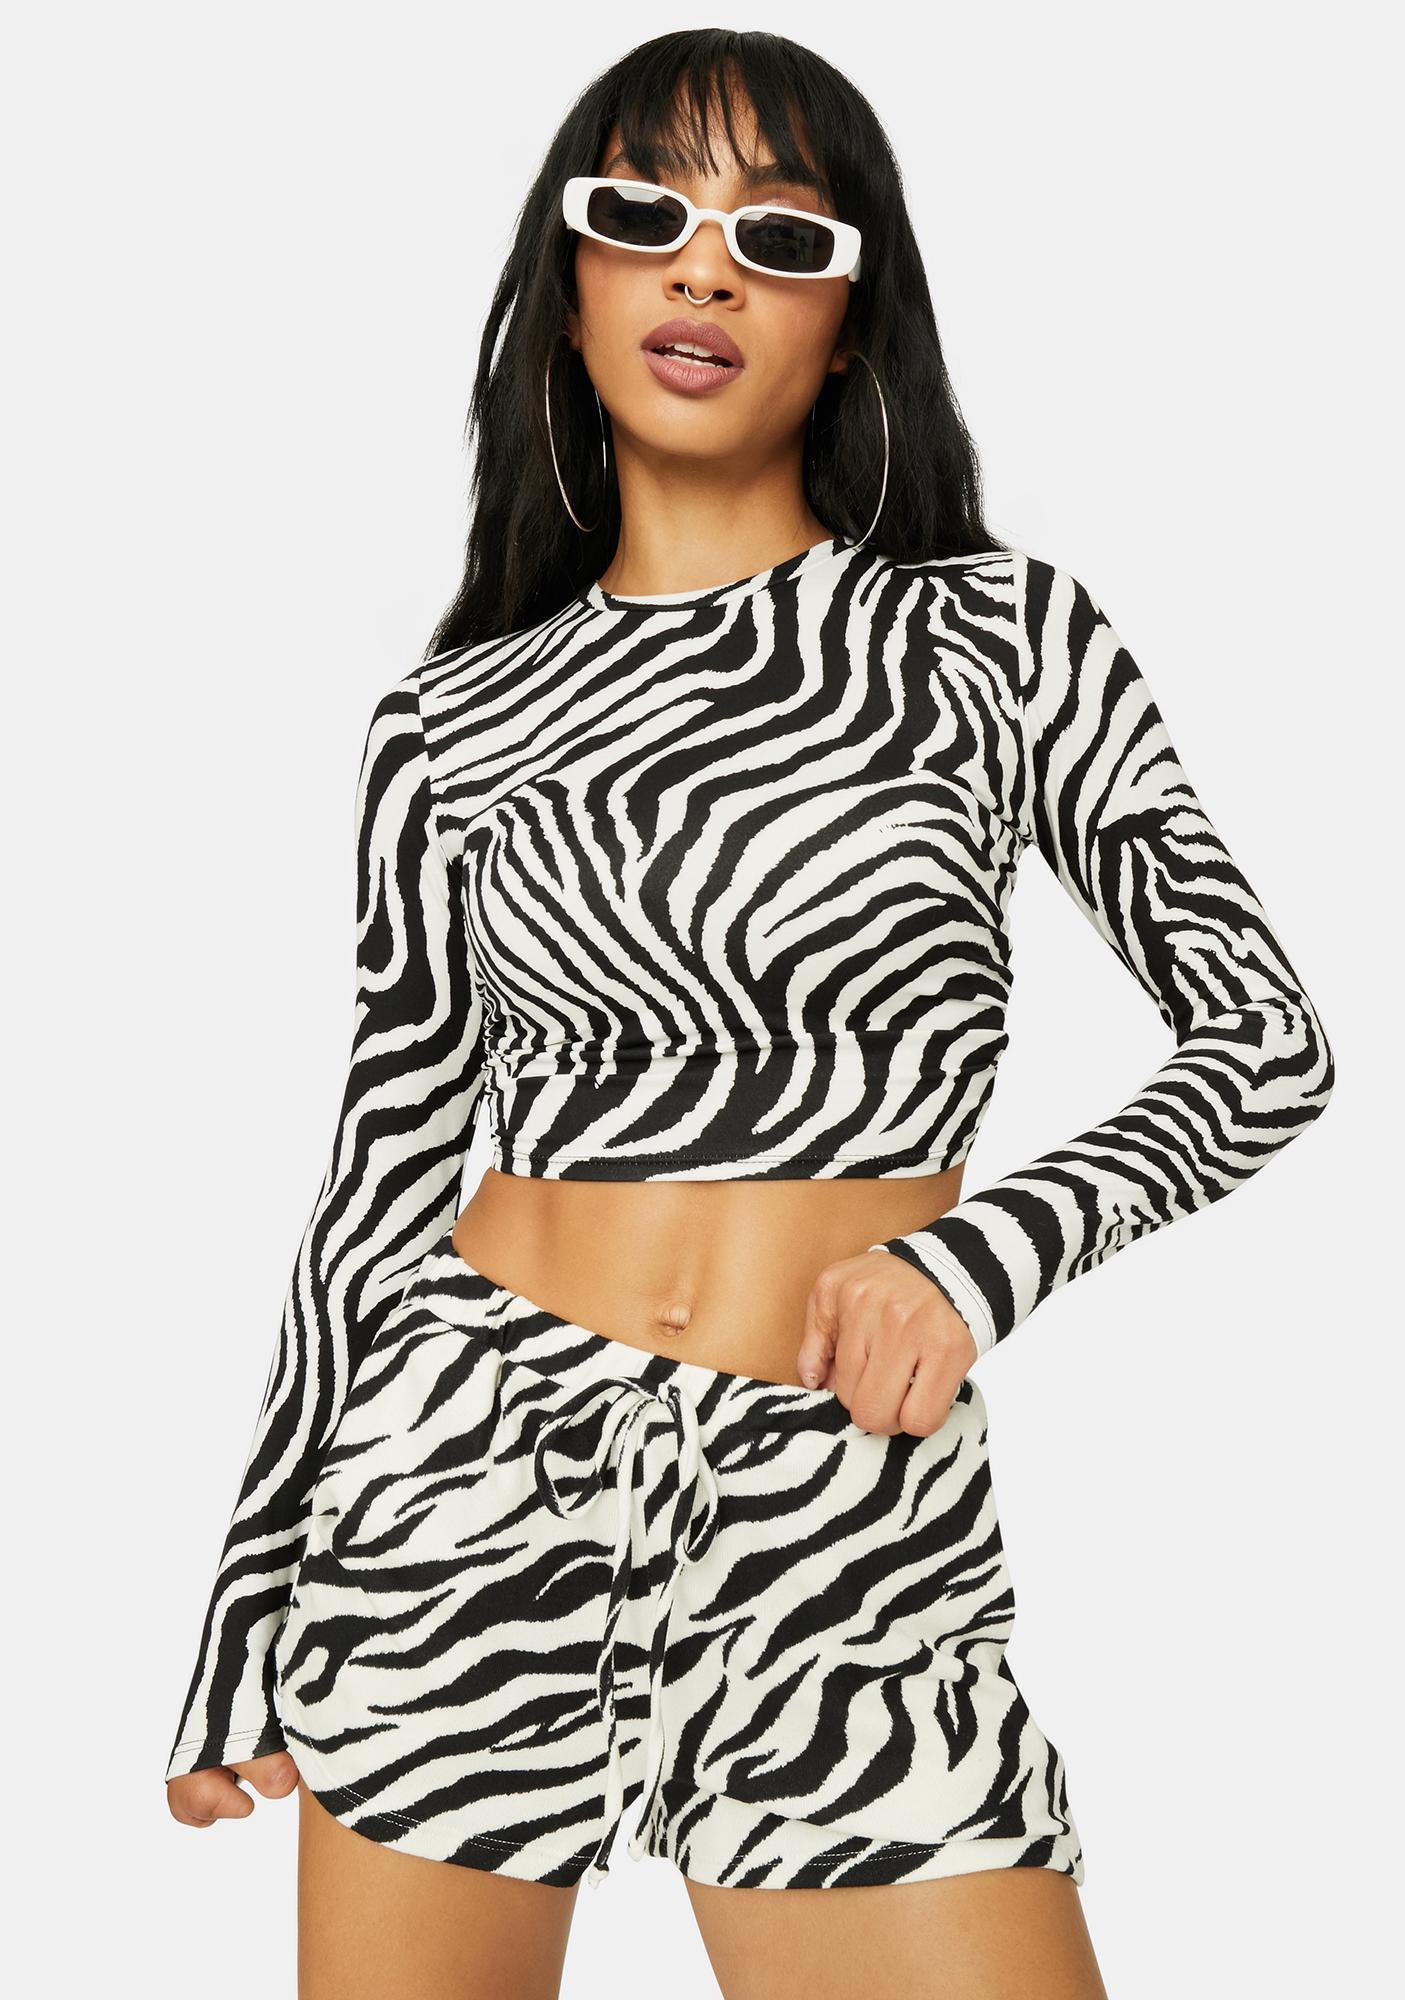 Wild Nerves Zebra Print Crop Top